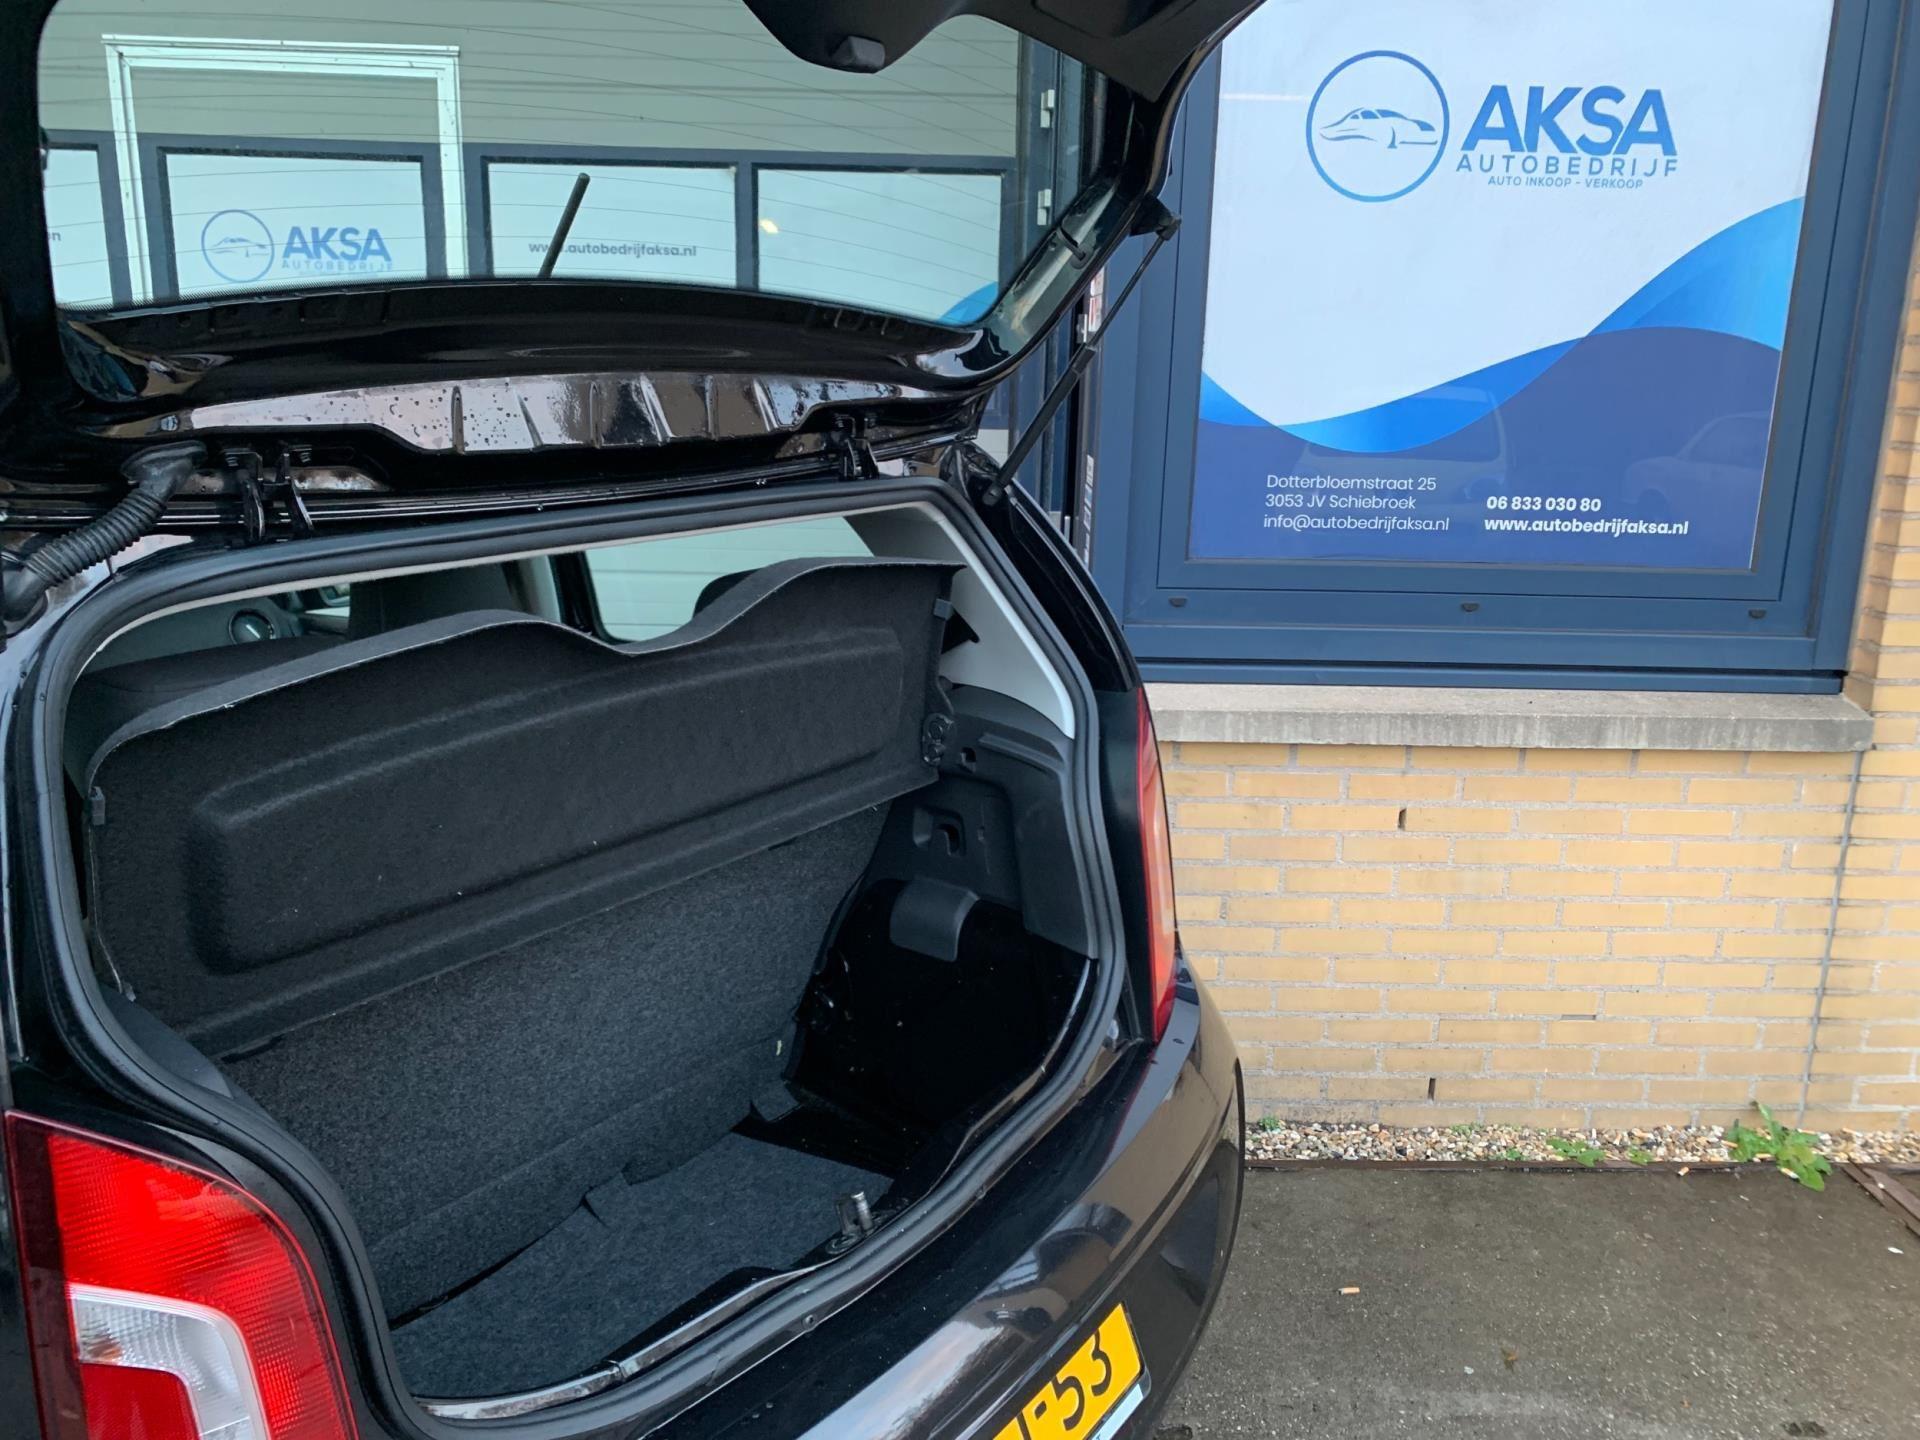 Volkswagen Up occasion - Autobedrijf Aksa